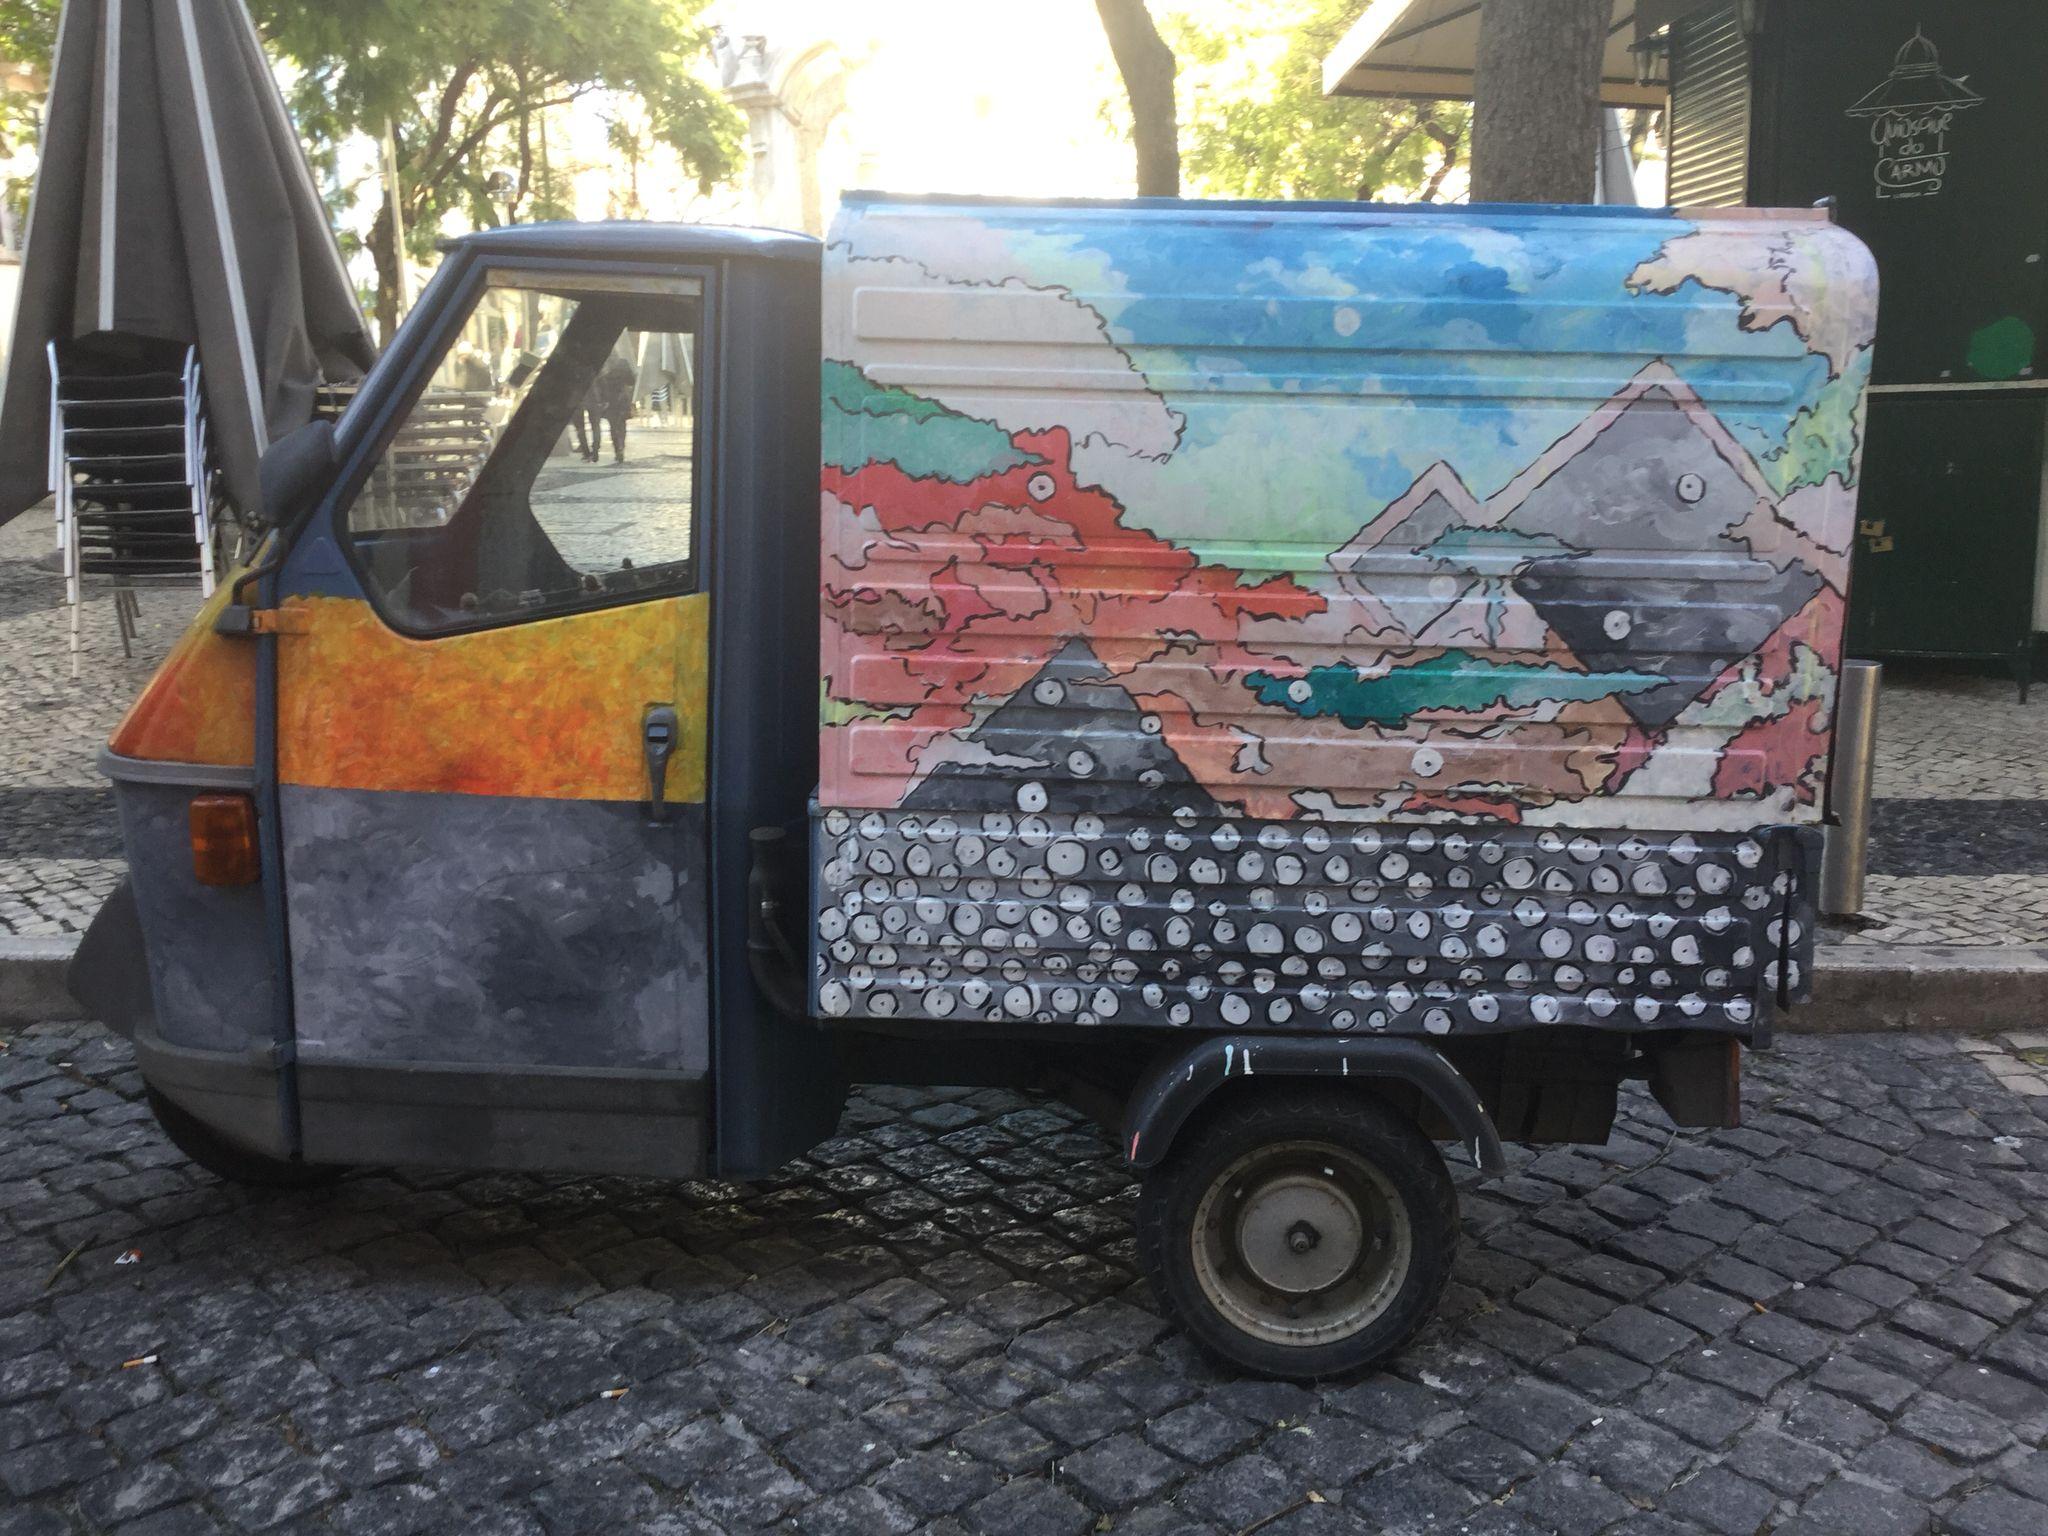 Auto, jota ei ehkä kannata ostaa. Toimiston edessä. @villetolvanen